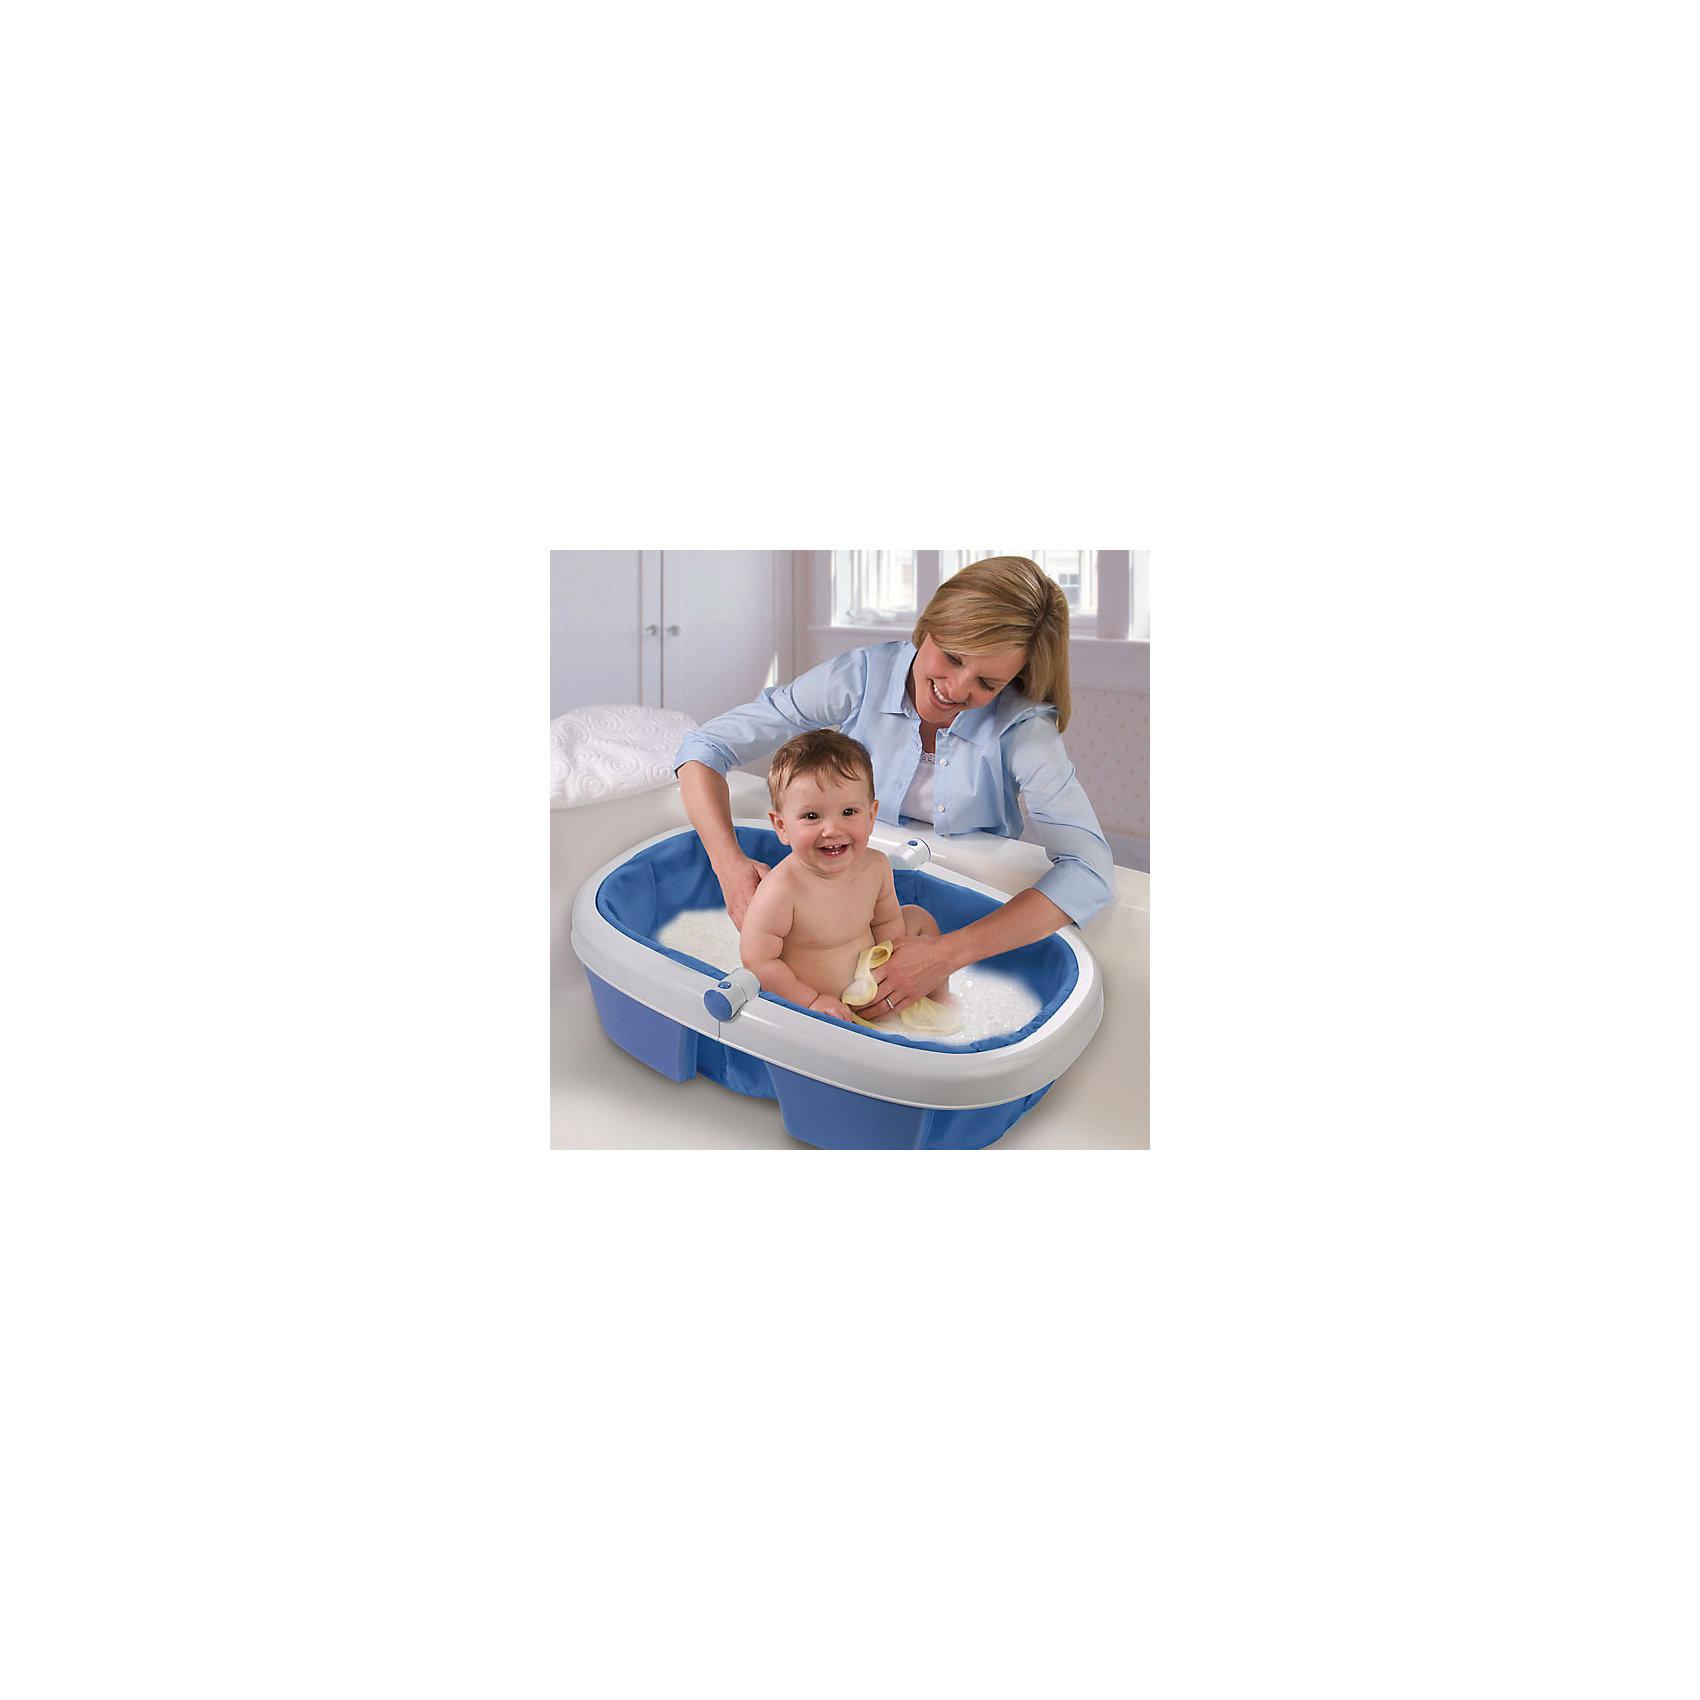 Ванночка складная 09360A , Summer Infant, голубойКупания очень важно для малыша, ведь чистота и гигиена-залог здоровья, которое так важно маленькому ребёнку. Ванночка складная 09360A , Summer Infant, голубой поможет сделать купания малыша ещё комфортнее и приятнее. Надувное мягкое дно и регулируемая спинка  обеспечит комфорт малыша. Ванночка изготовлена из прочного пластика, который не принесёт вреда вашему ребёнку. Также ванночка складывается, поэтому ее с легкостью можно взять с собой в путешествие.<br><br>Дополнительная информация:<br>-цвет: голубой<br>-марка: Summer Infant<br><br>Ванночку складную 09360A , Summer Infant, голубой  можно приобрести в нашем интернет-магазине.<br><br>Ширина мм: 130<br>Глубина мм: 380<br>Высота мм: 460<br>Вес г: 600<br>Возраст от месяцев: 0<br>Возраст до месяцев: 24<br>Пол: Унисекс<br>Возраст: Детский<br>SKU: 5089916